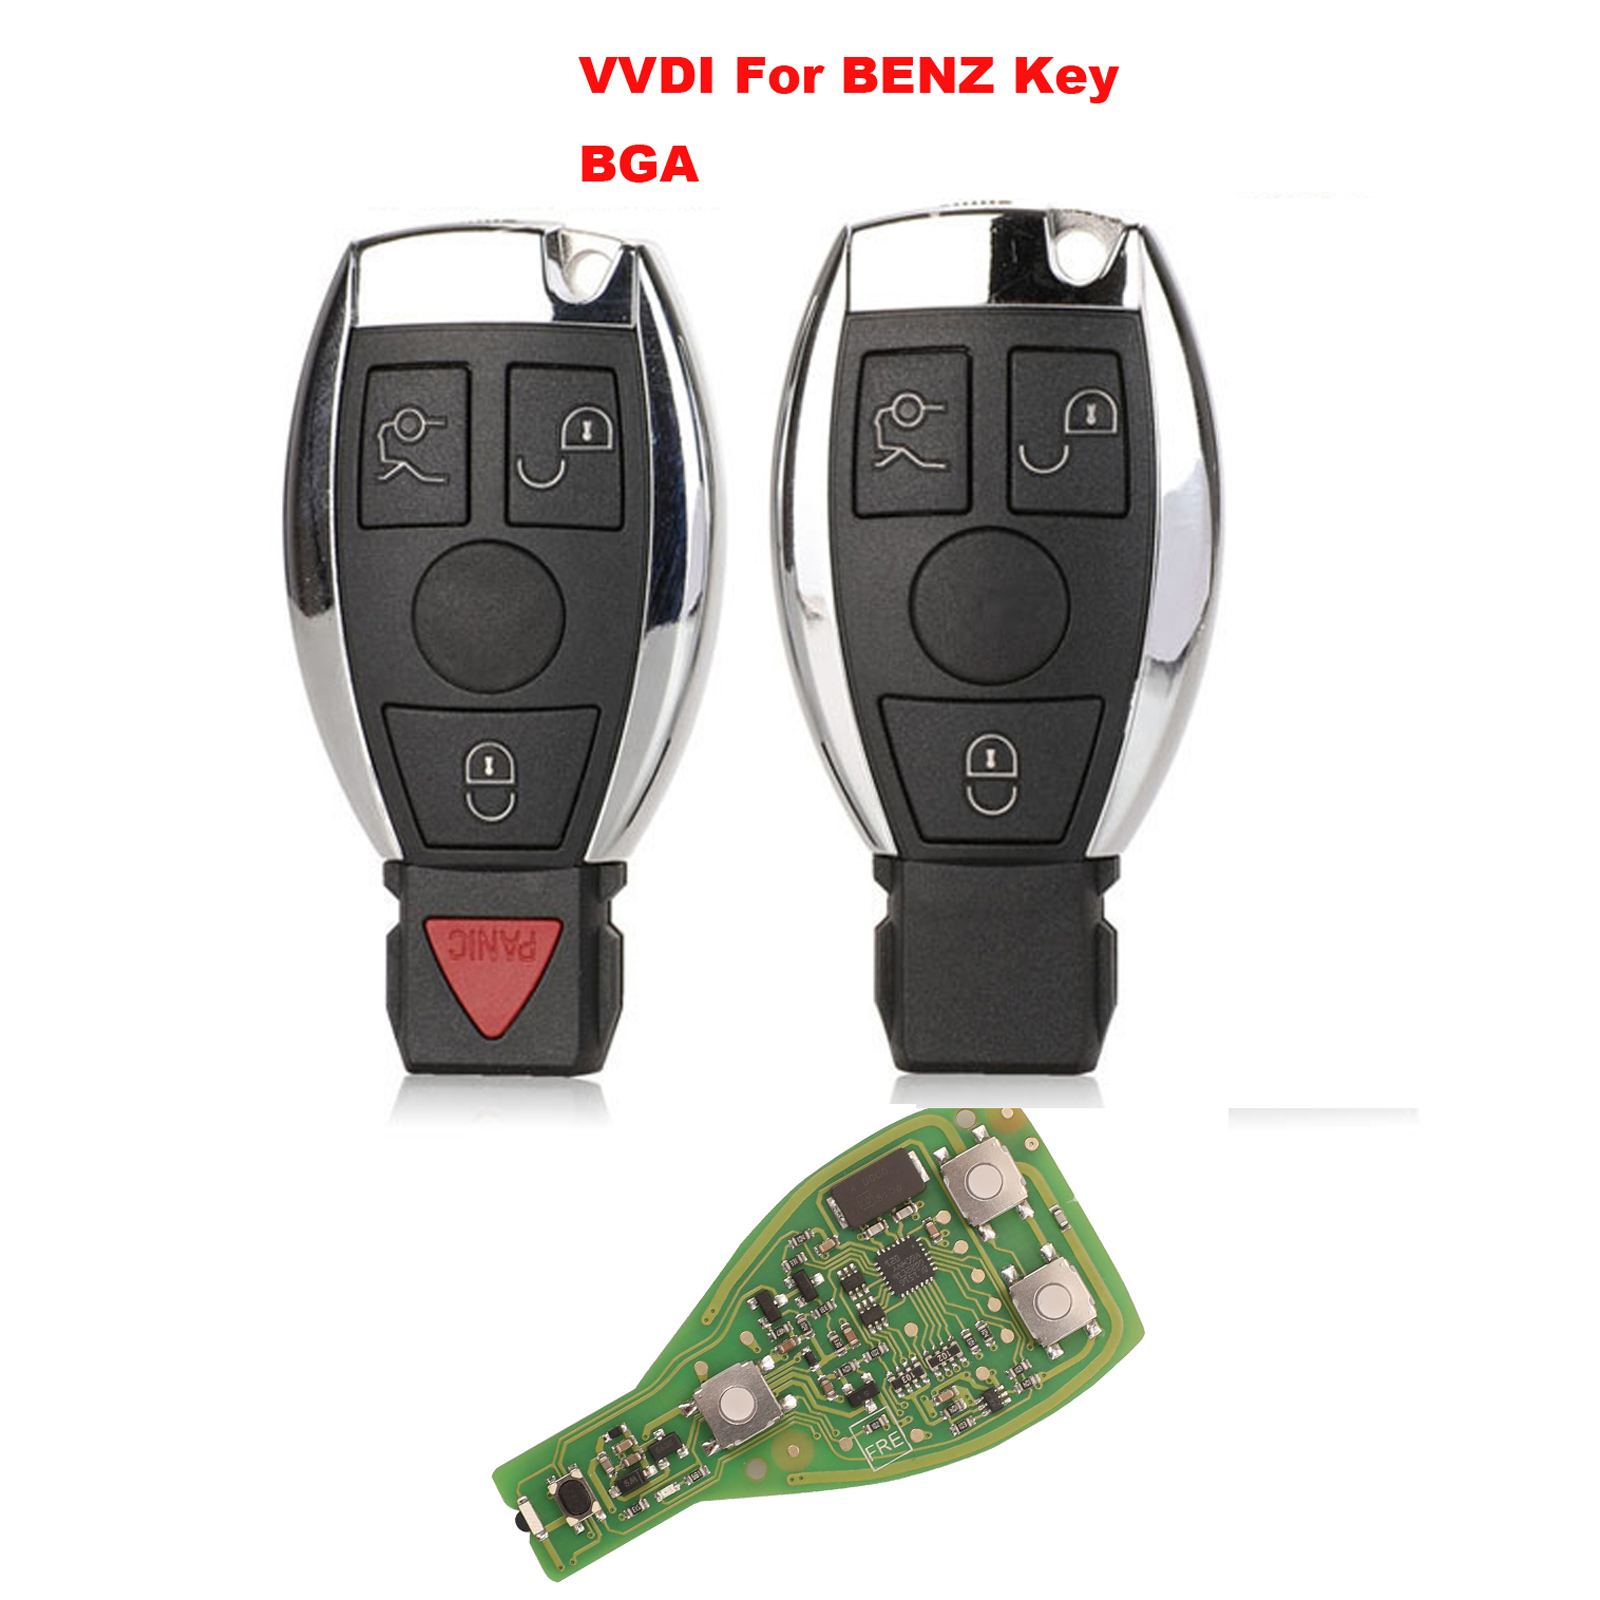 Jingyuqin XHORSE klucz VVDI Pro dla Benz V1.5 PCB klucz zdalny Chip poprawiona wersja inteligentny klucz Shell może wymienić MB BGA Token